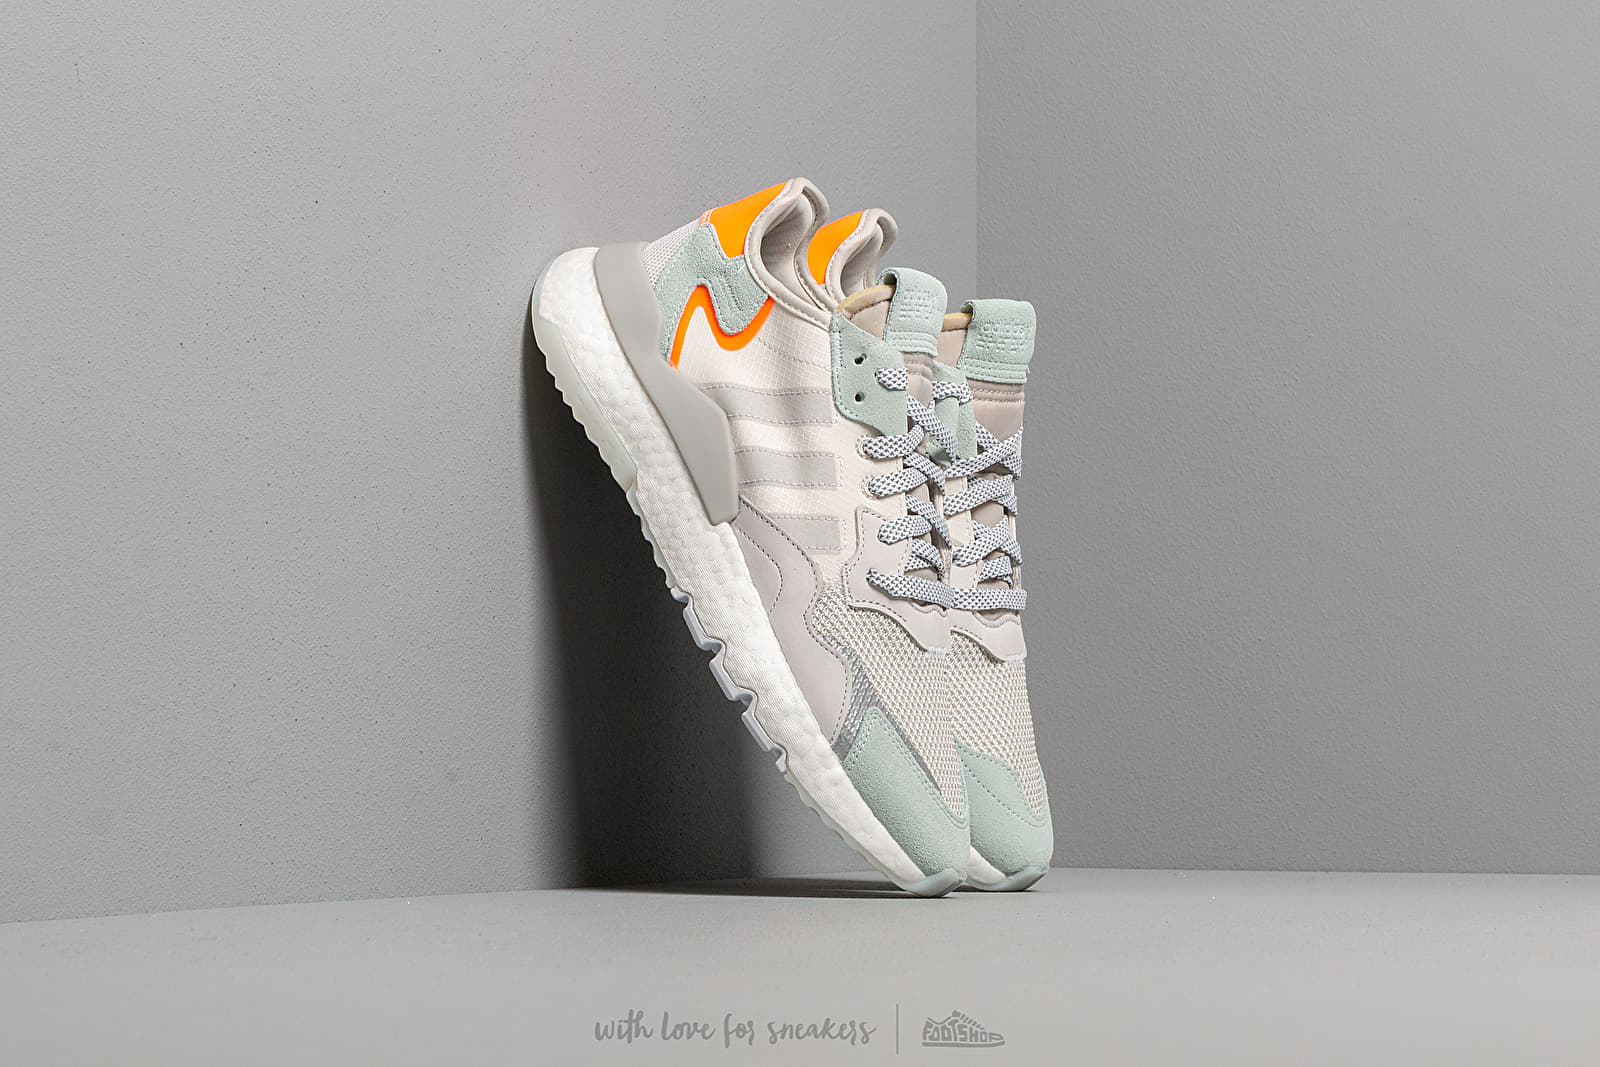 adidas Nite Jogger Raw White/ Grey One/ Vapor Green za skvělou cenu 3 390 Kč koupíte na Footshop.cz